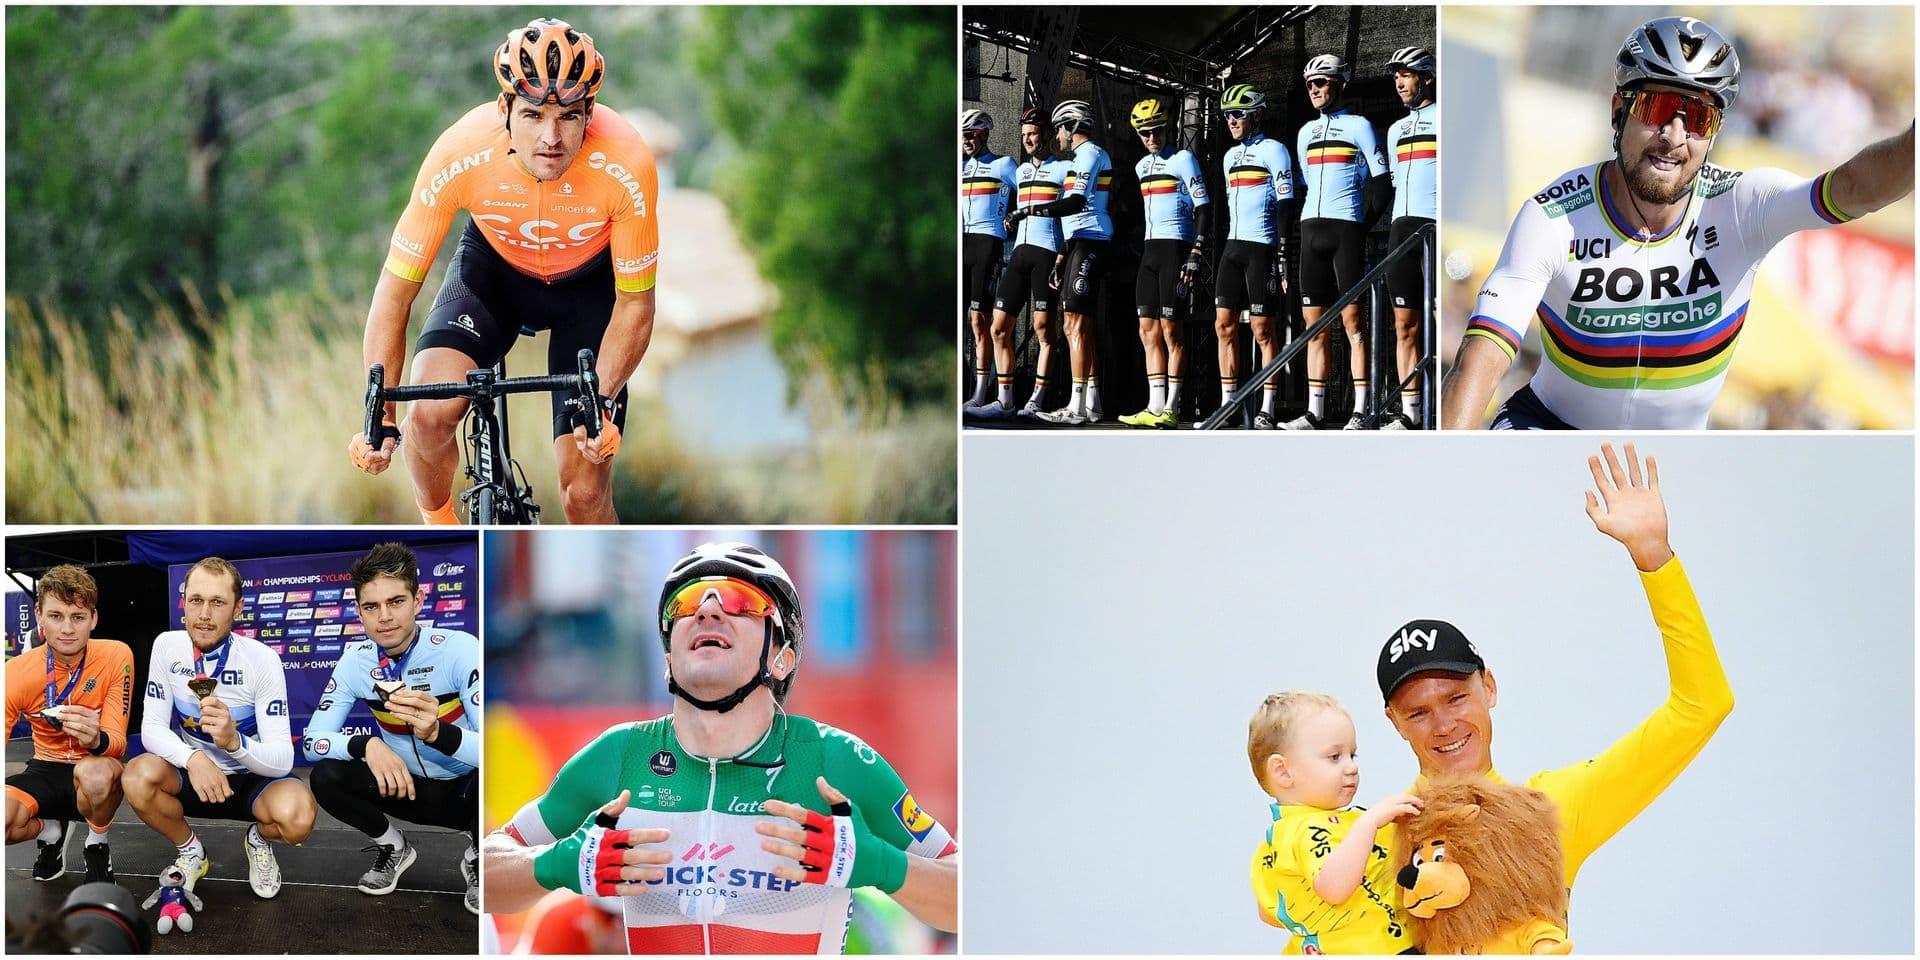 La saison cycliste 2019 en 10 questions